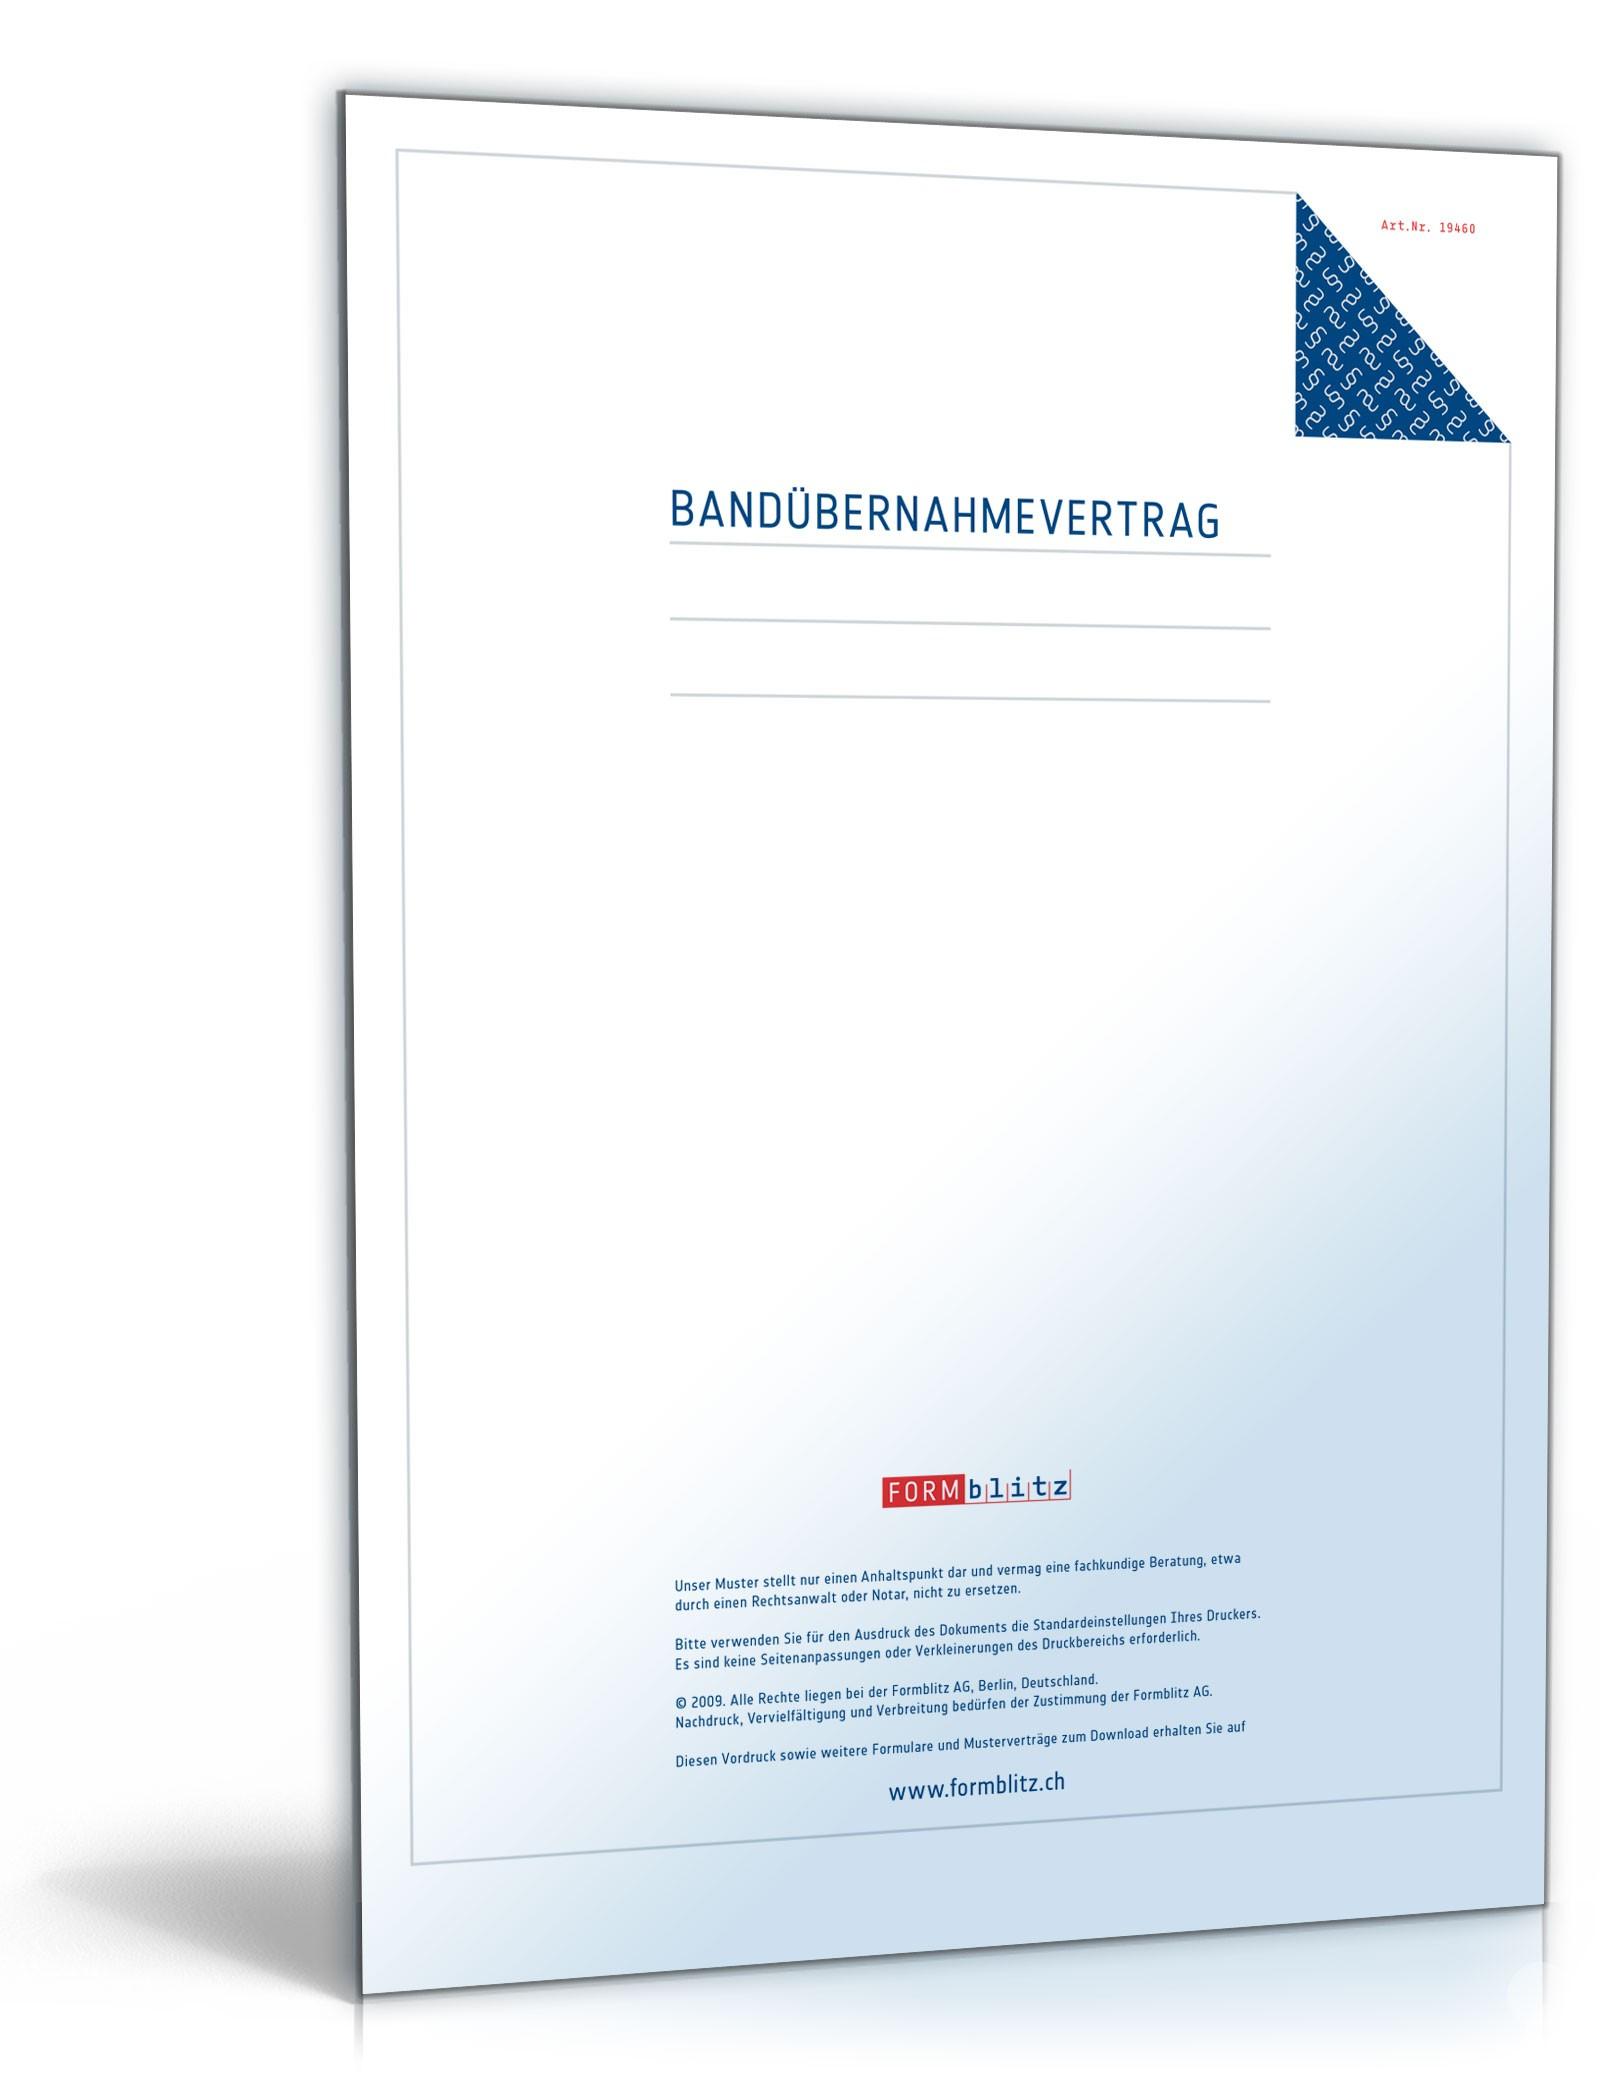 Bandübernahmevertrag - Muster-Vorlage zum Download